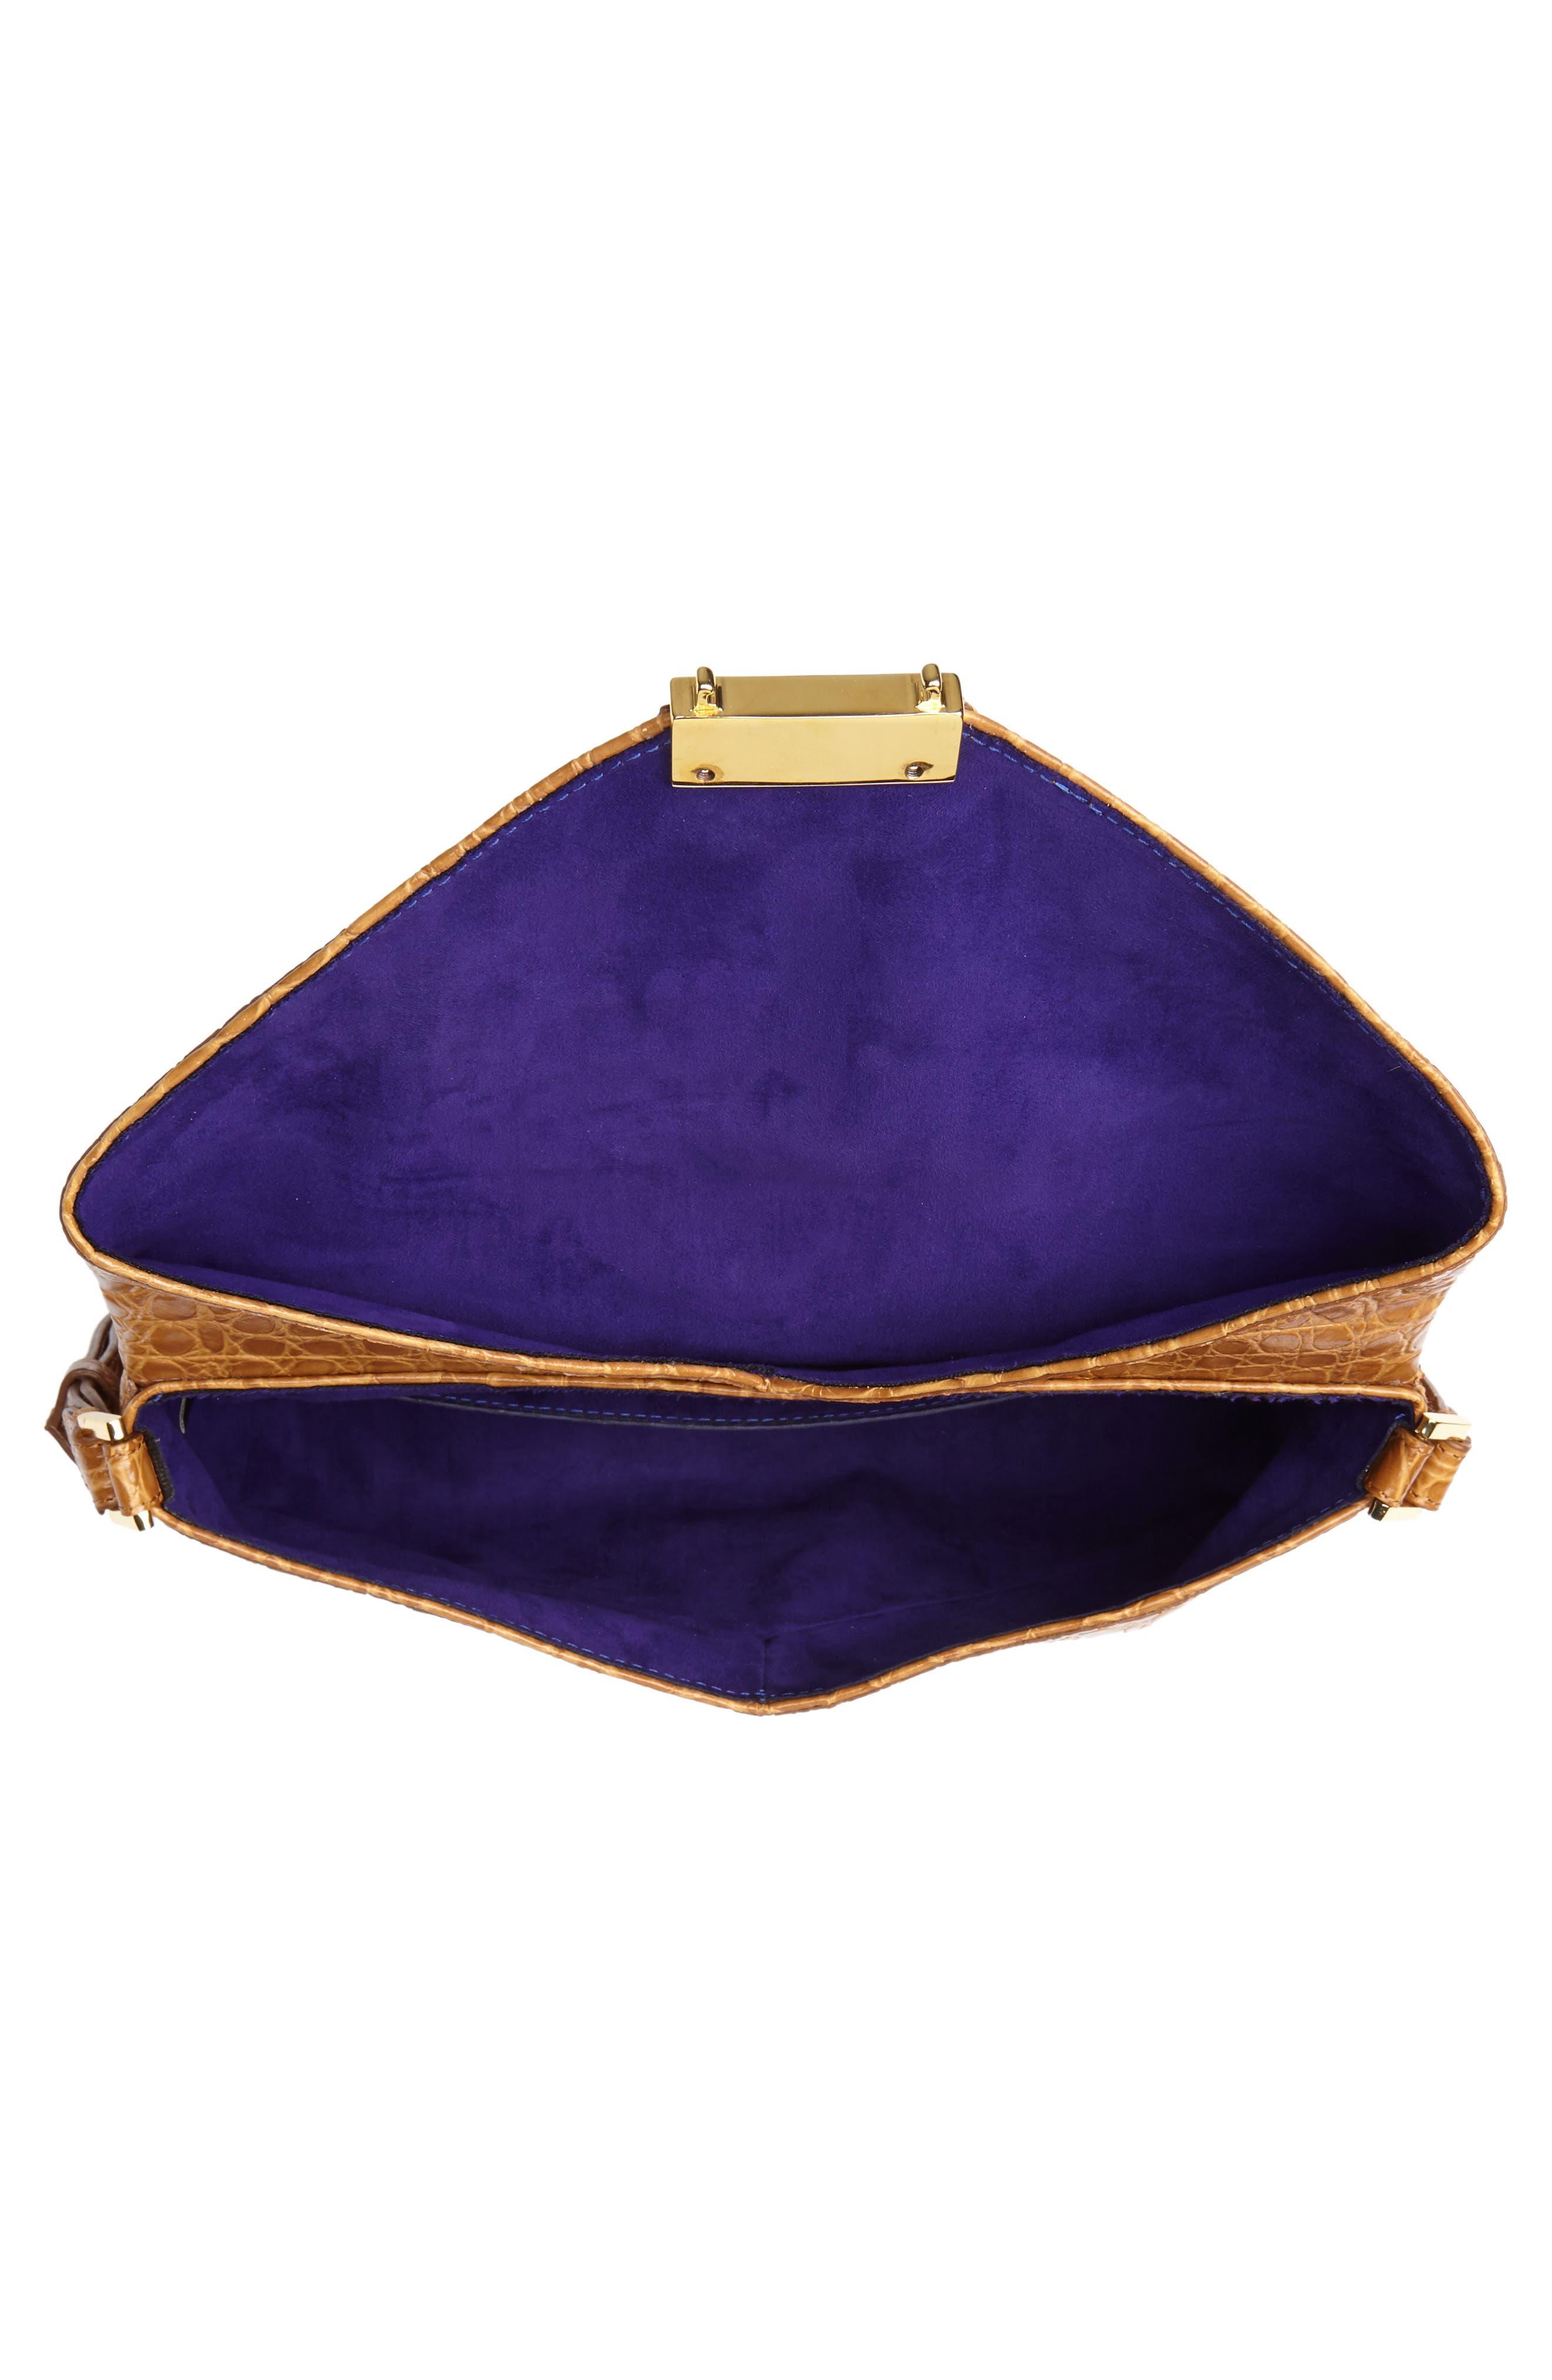 Croc Embossed Leather Shoulder Bag,                             Alternate thumbnail 4, color,                             GOLD